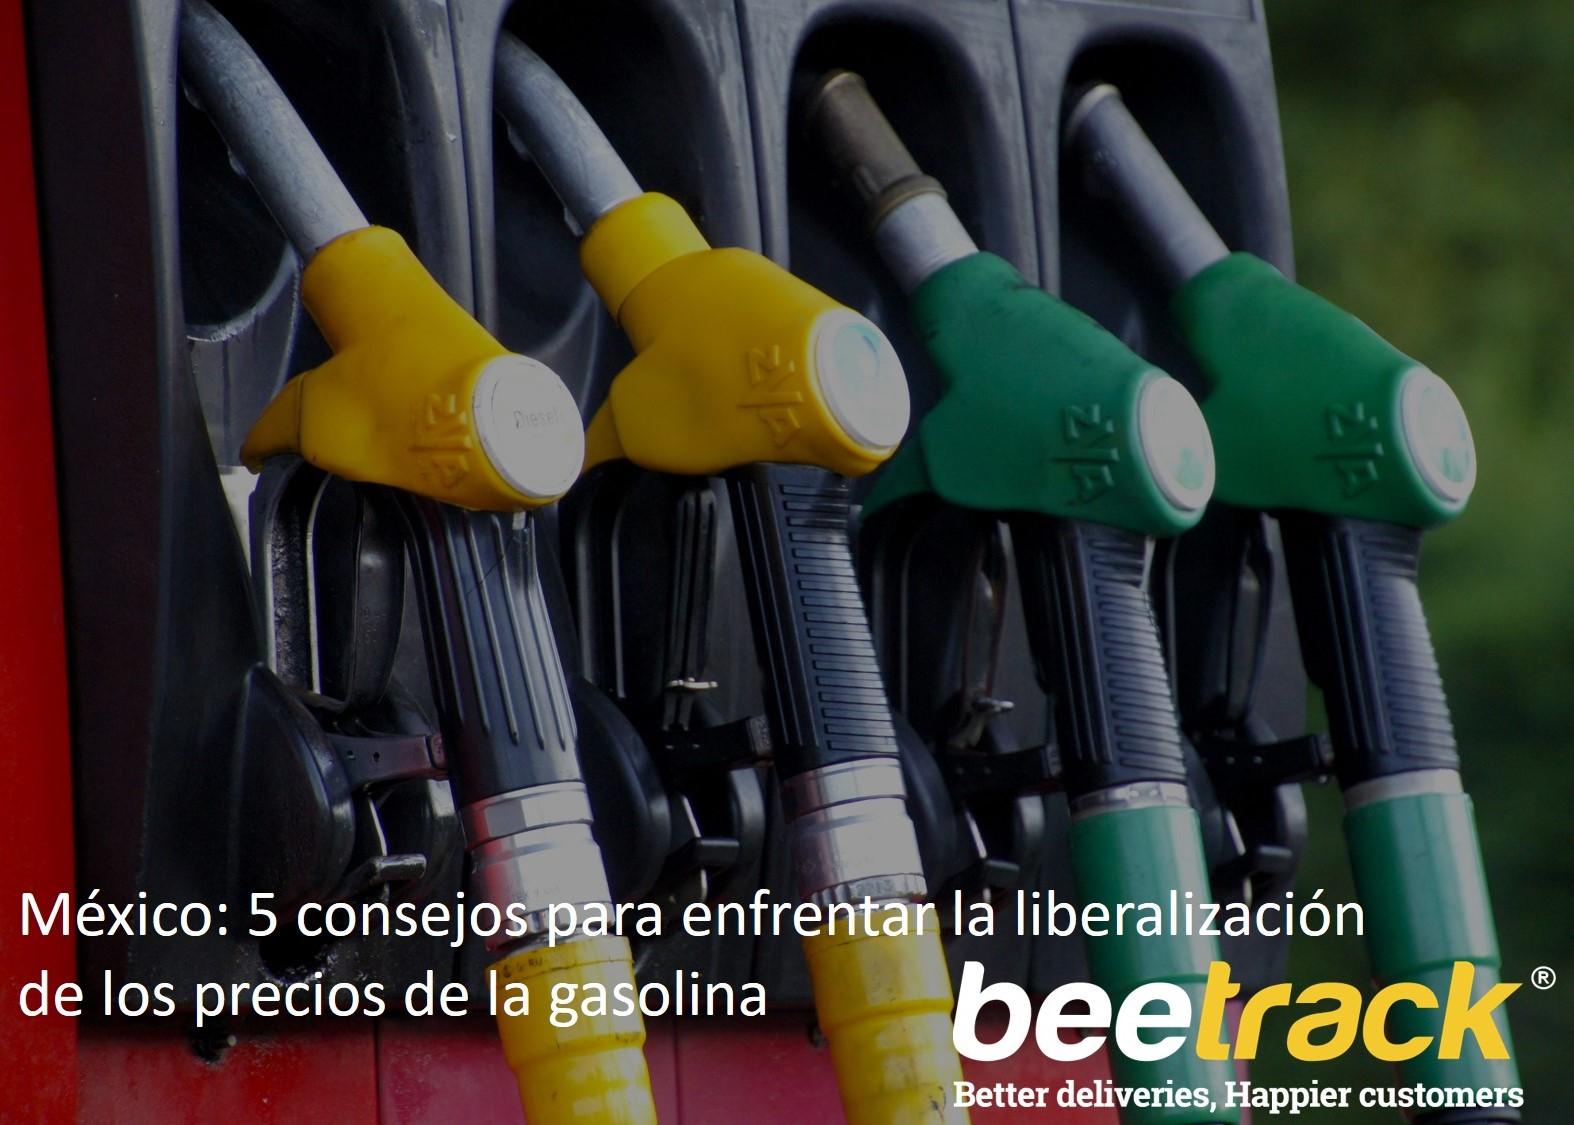 México: 5 consejos para enfrentar la liberalización de los precios de la gasolina